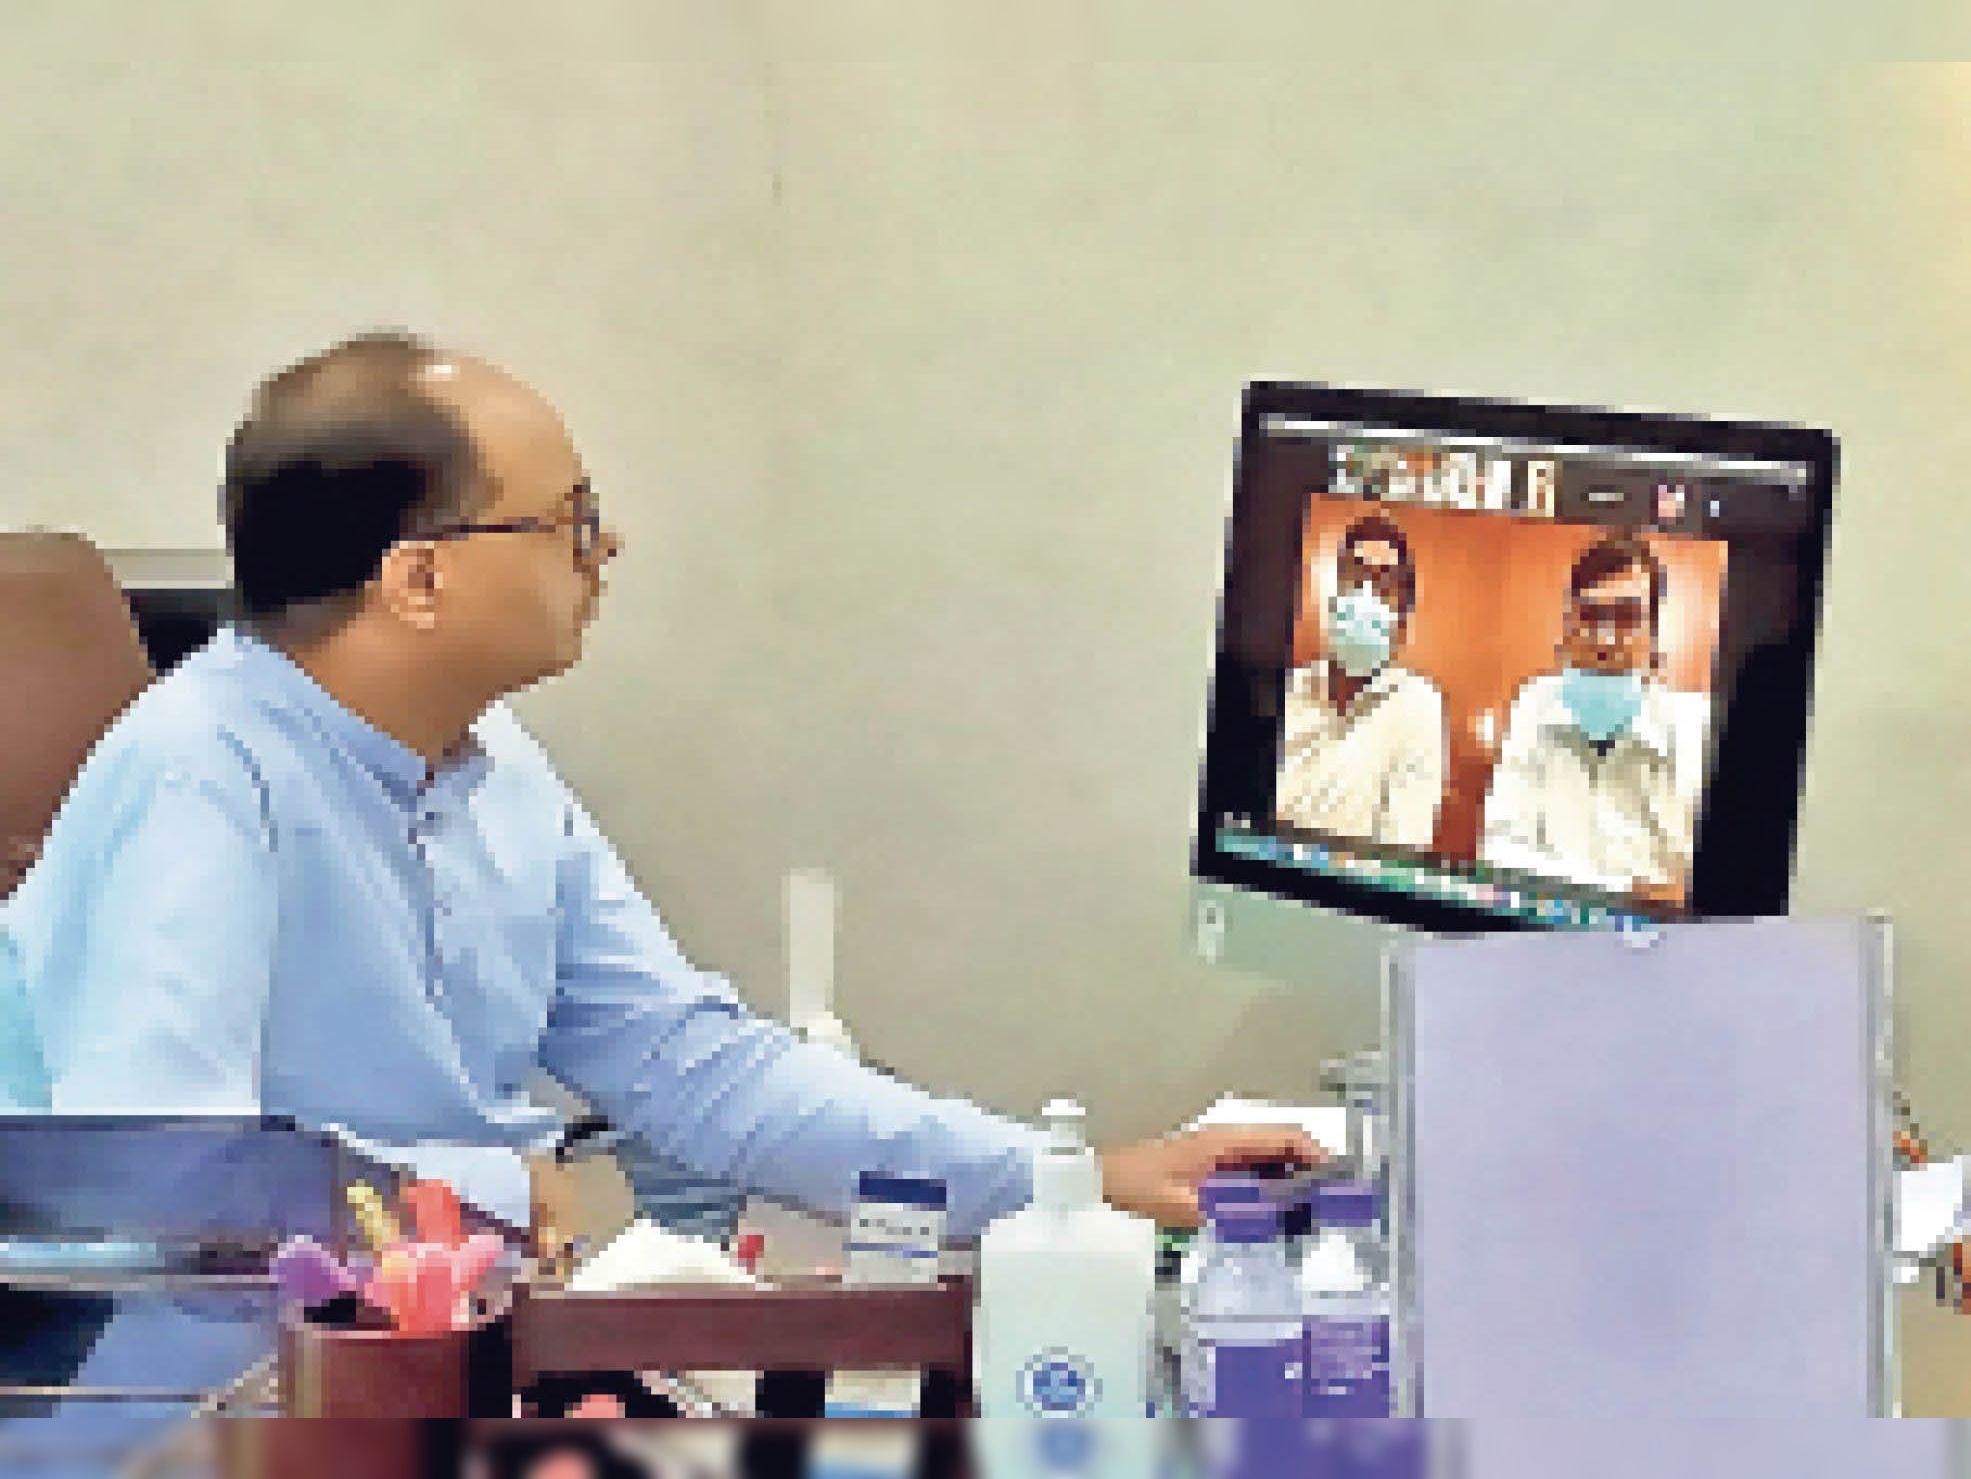 प्राइवेट अस्पतालों के संचालकों के साथ वीडियो कॉन्फ्रेंसिंग के माध्यम से बैठक करते डीएम डॉ. चंद्रशेखर सिंह। - Dainik Bhaskar